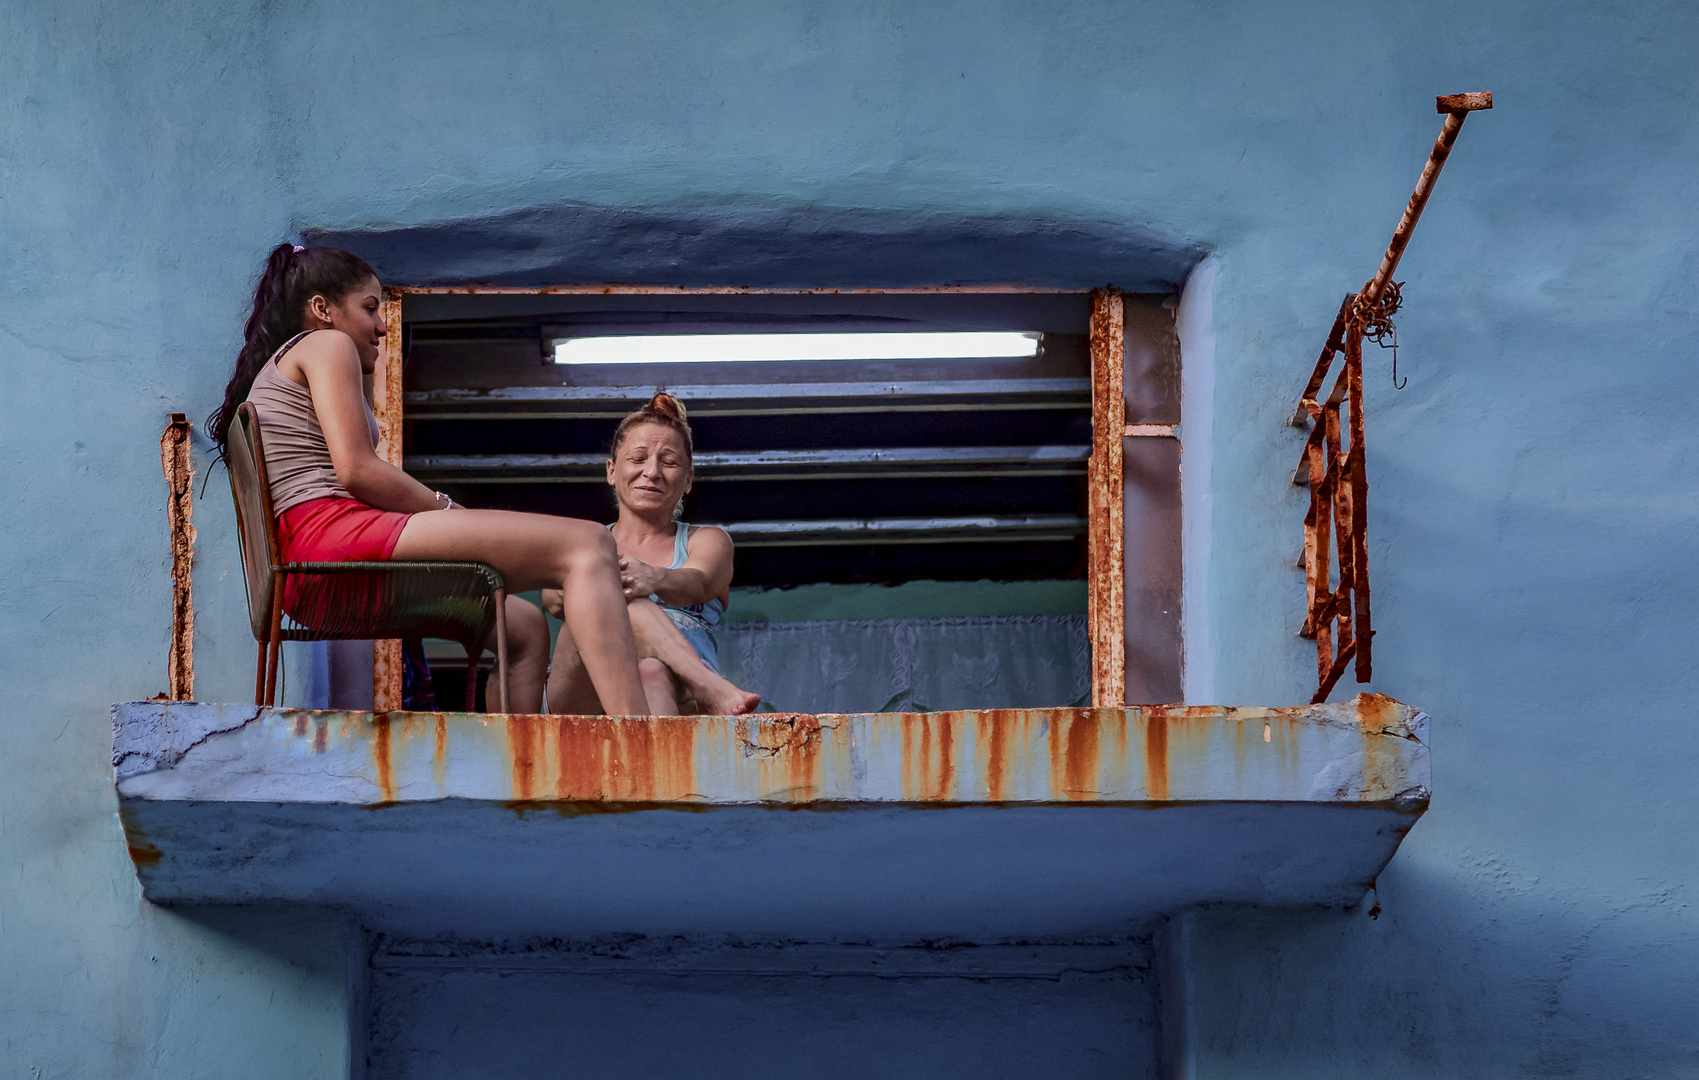 Balkonleben in Havanna